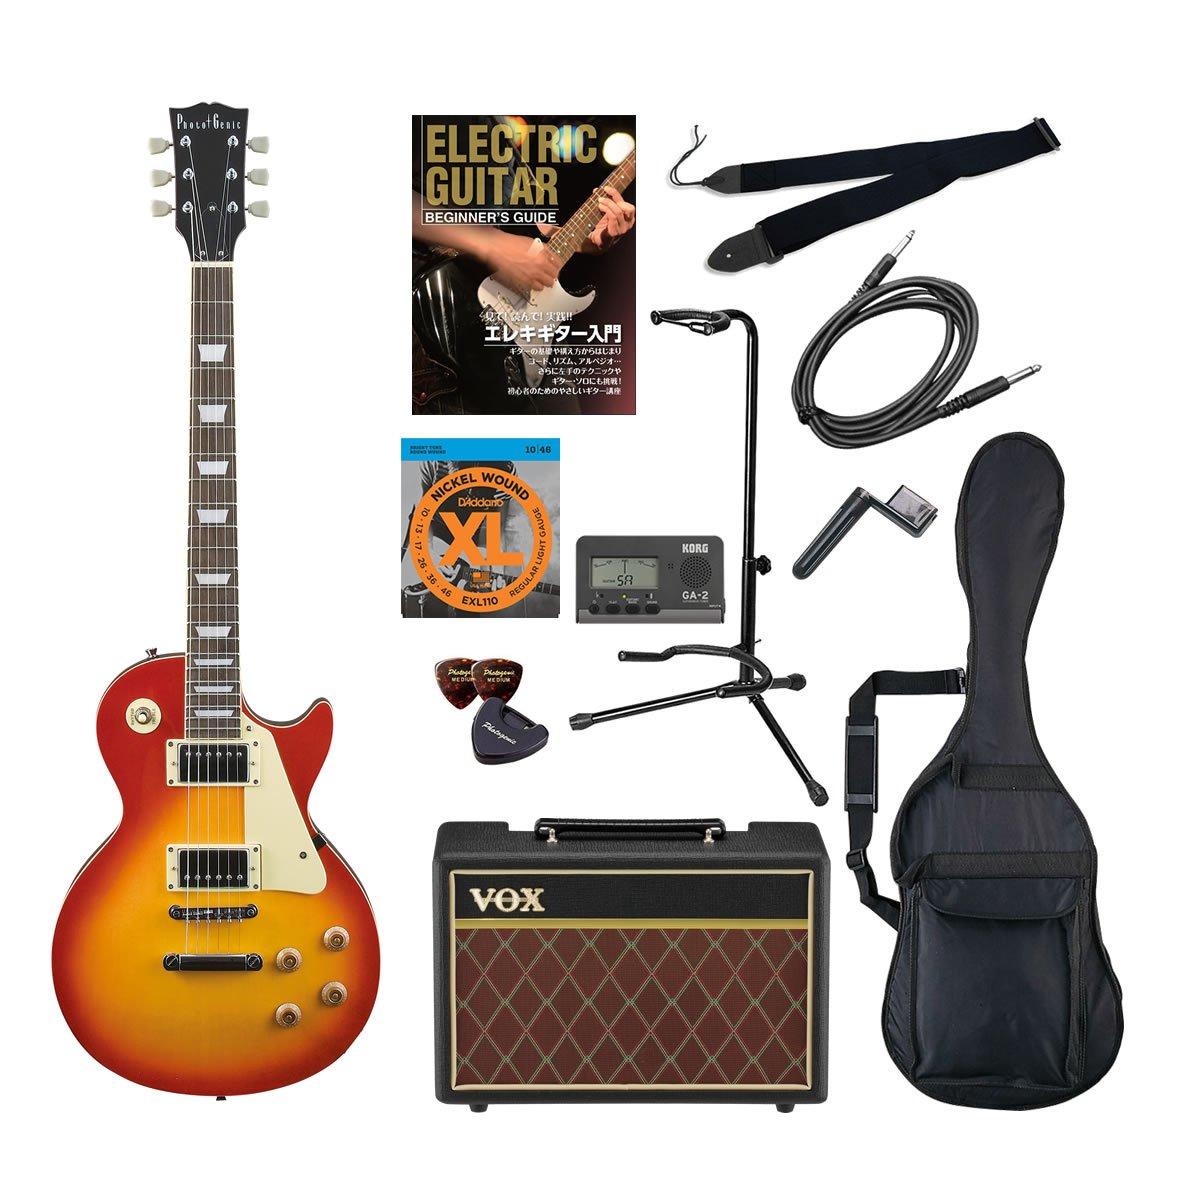 PhotoGenic エレキギター Amazonオリジナル12点 Pathfinder10セット レスポールタイプ LP-260/CS チェリーサンバースト B00CSHPA4E チェリーサンバースト チェリーサンバースト